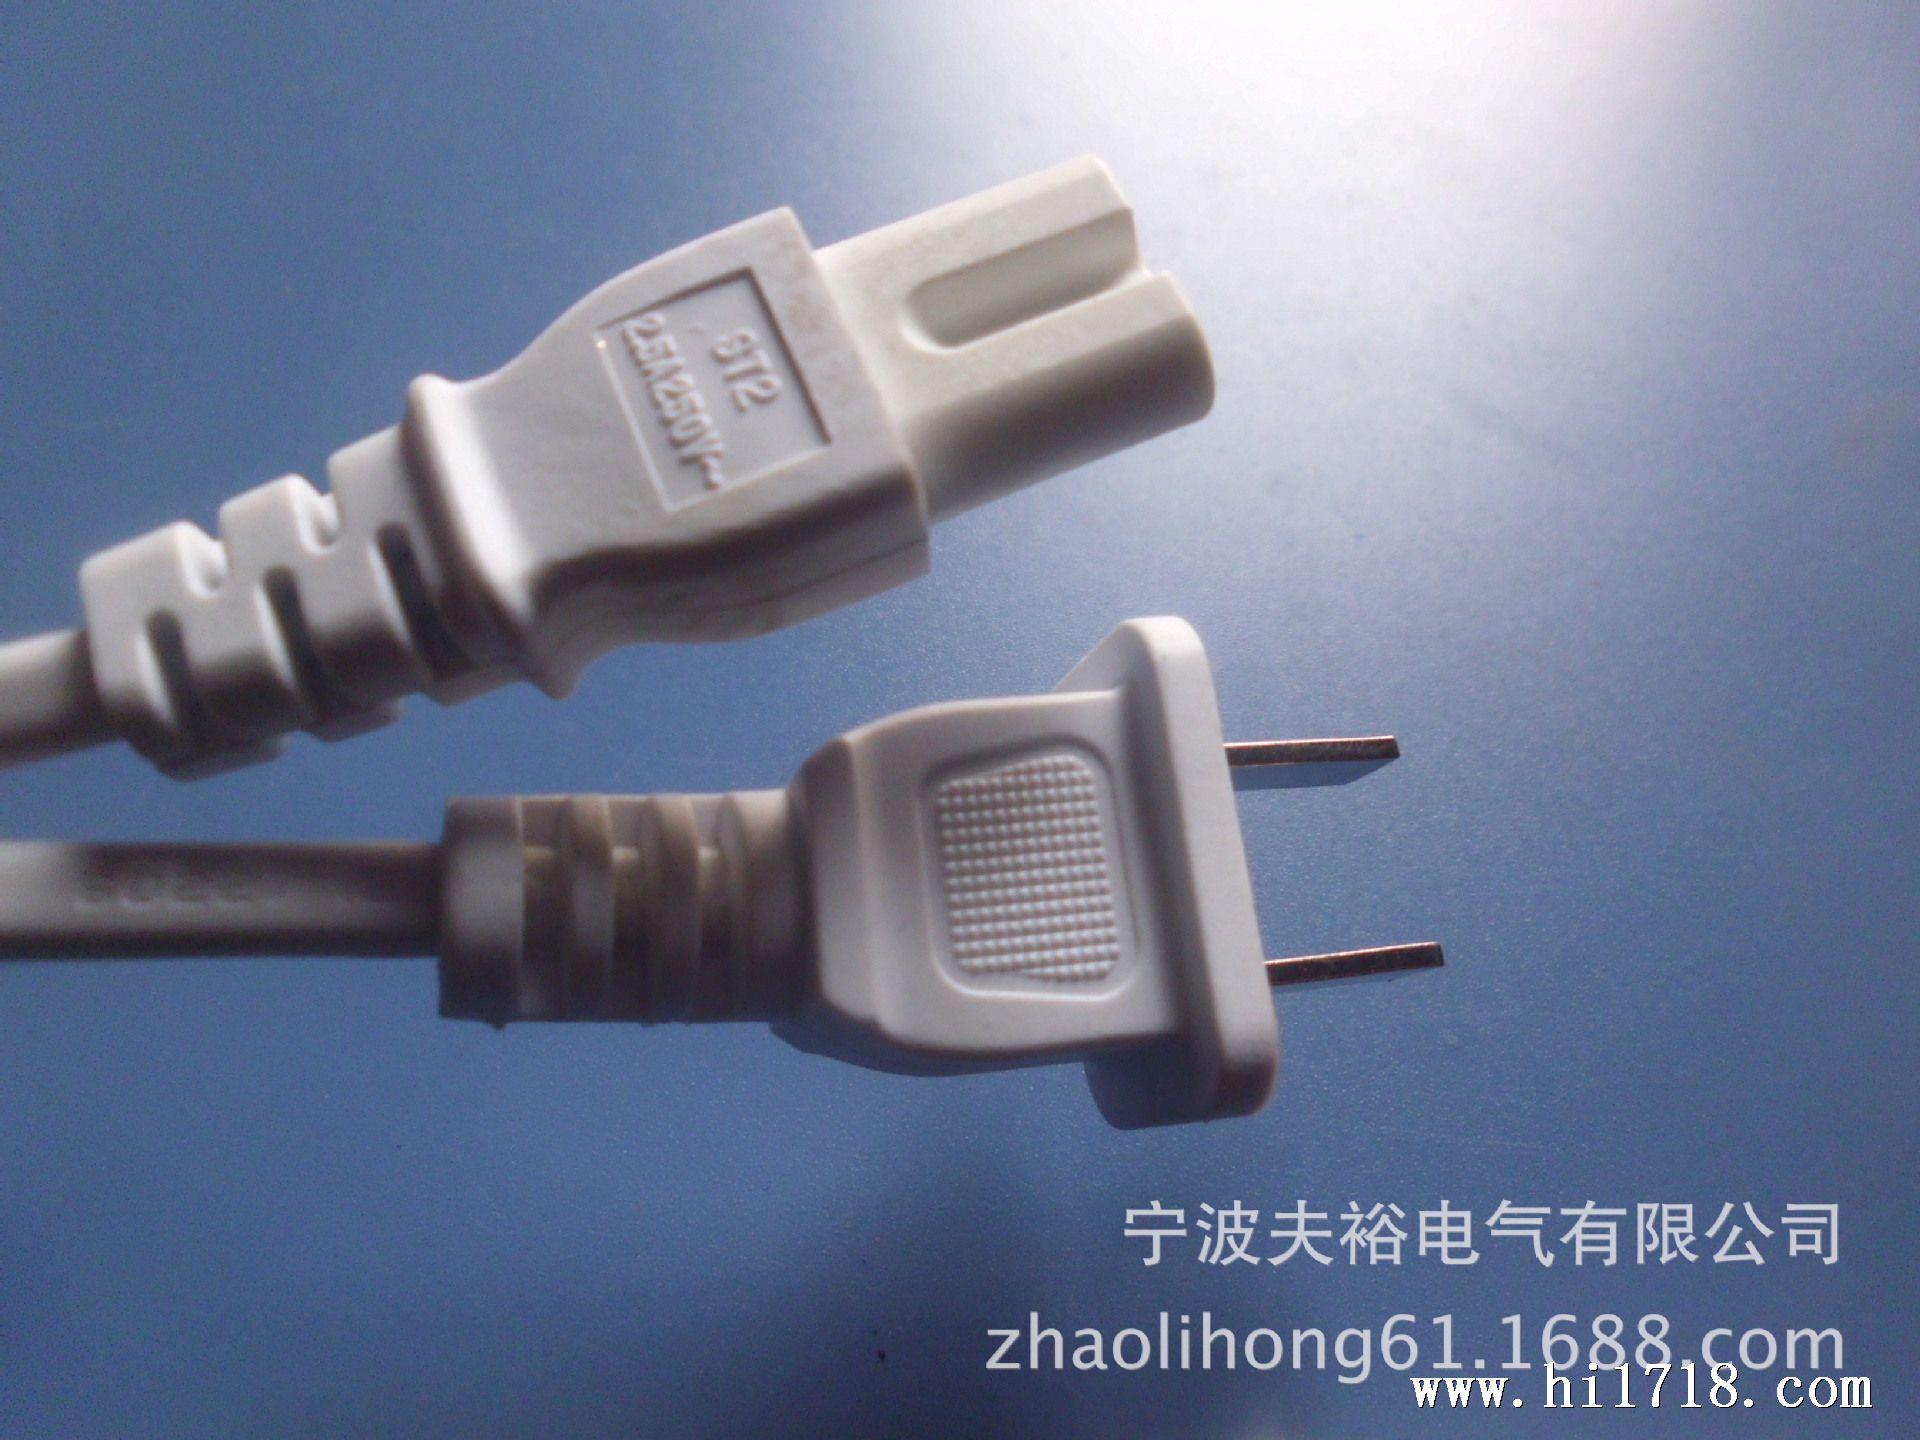 电源线/护套线电脑剥线机/裁线机(swt508ht-1型)